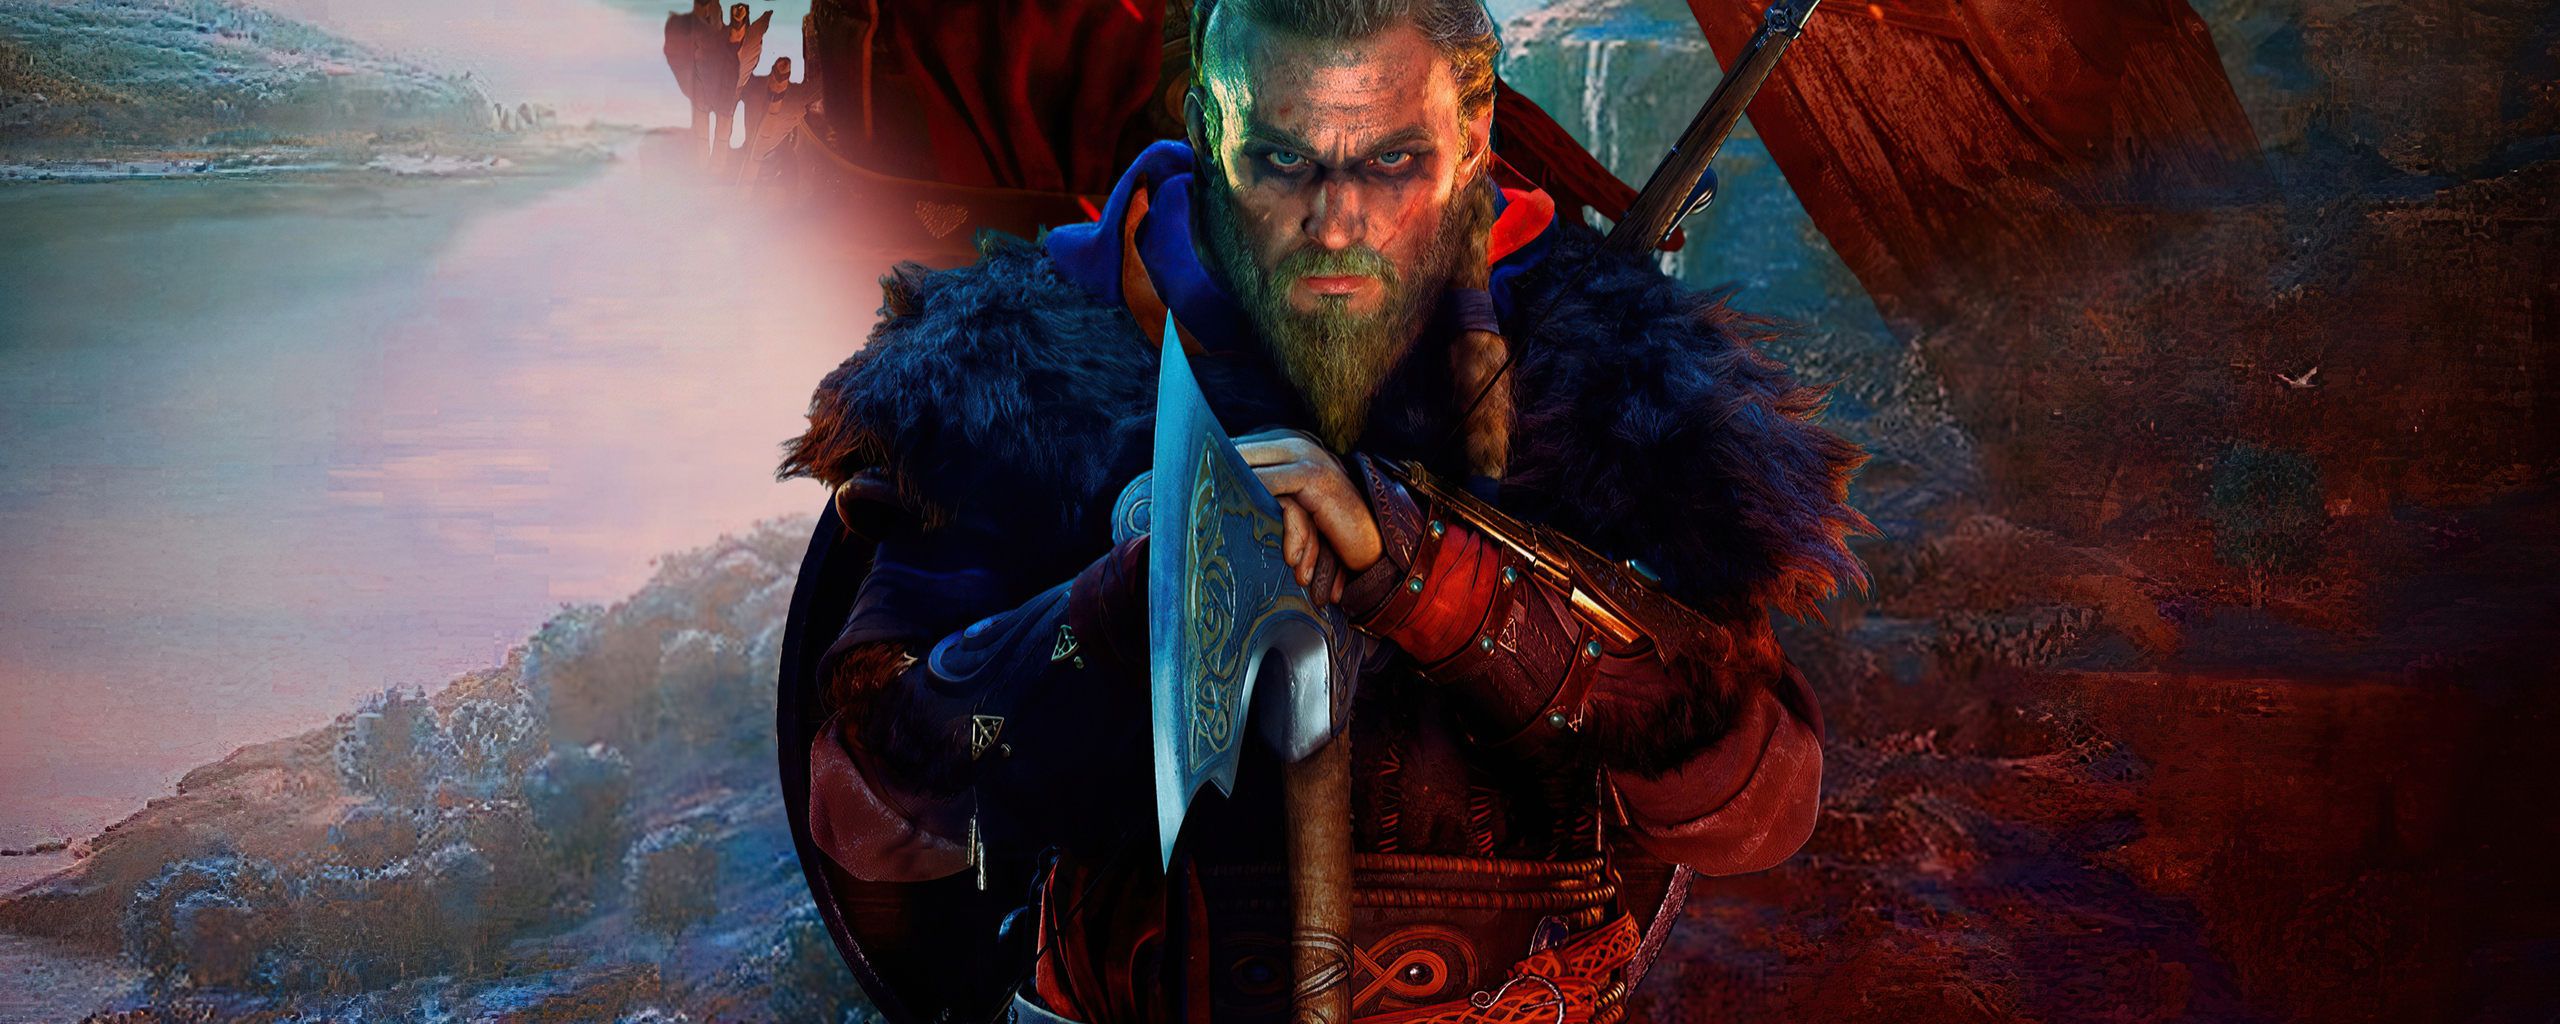 assassins-creed-valhalla-ps5-4k-vs.jpg